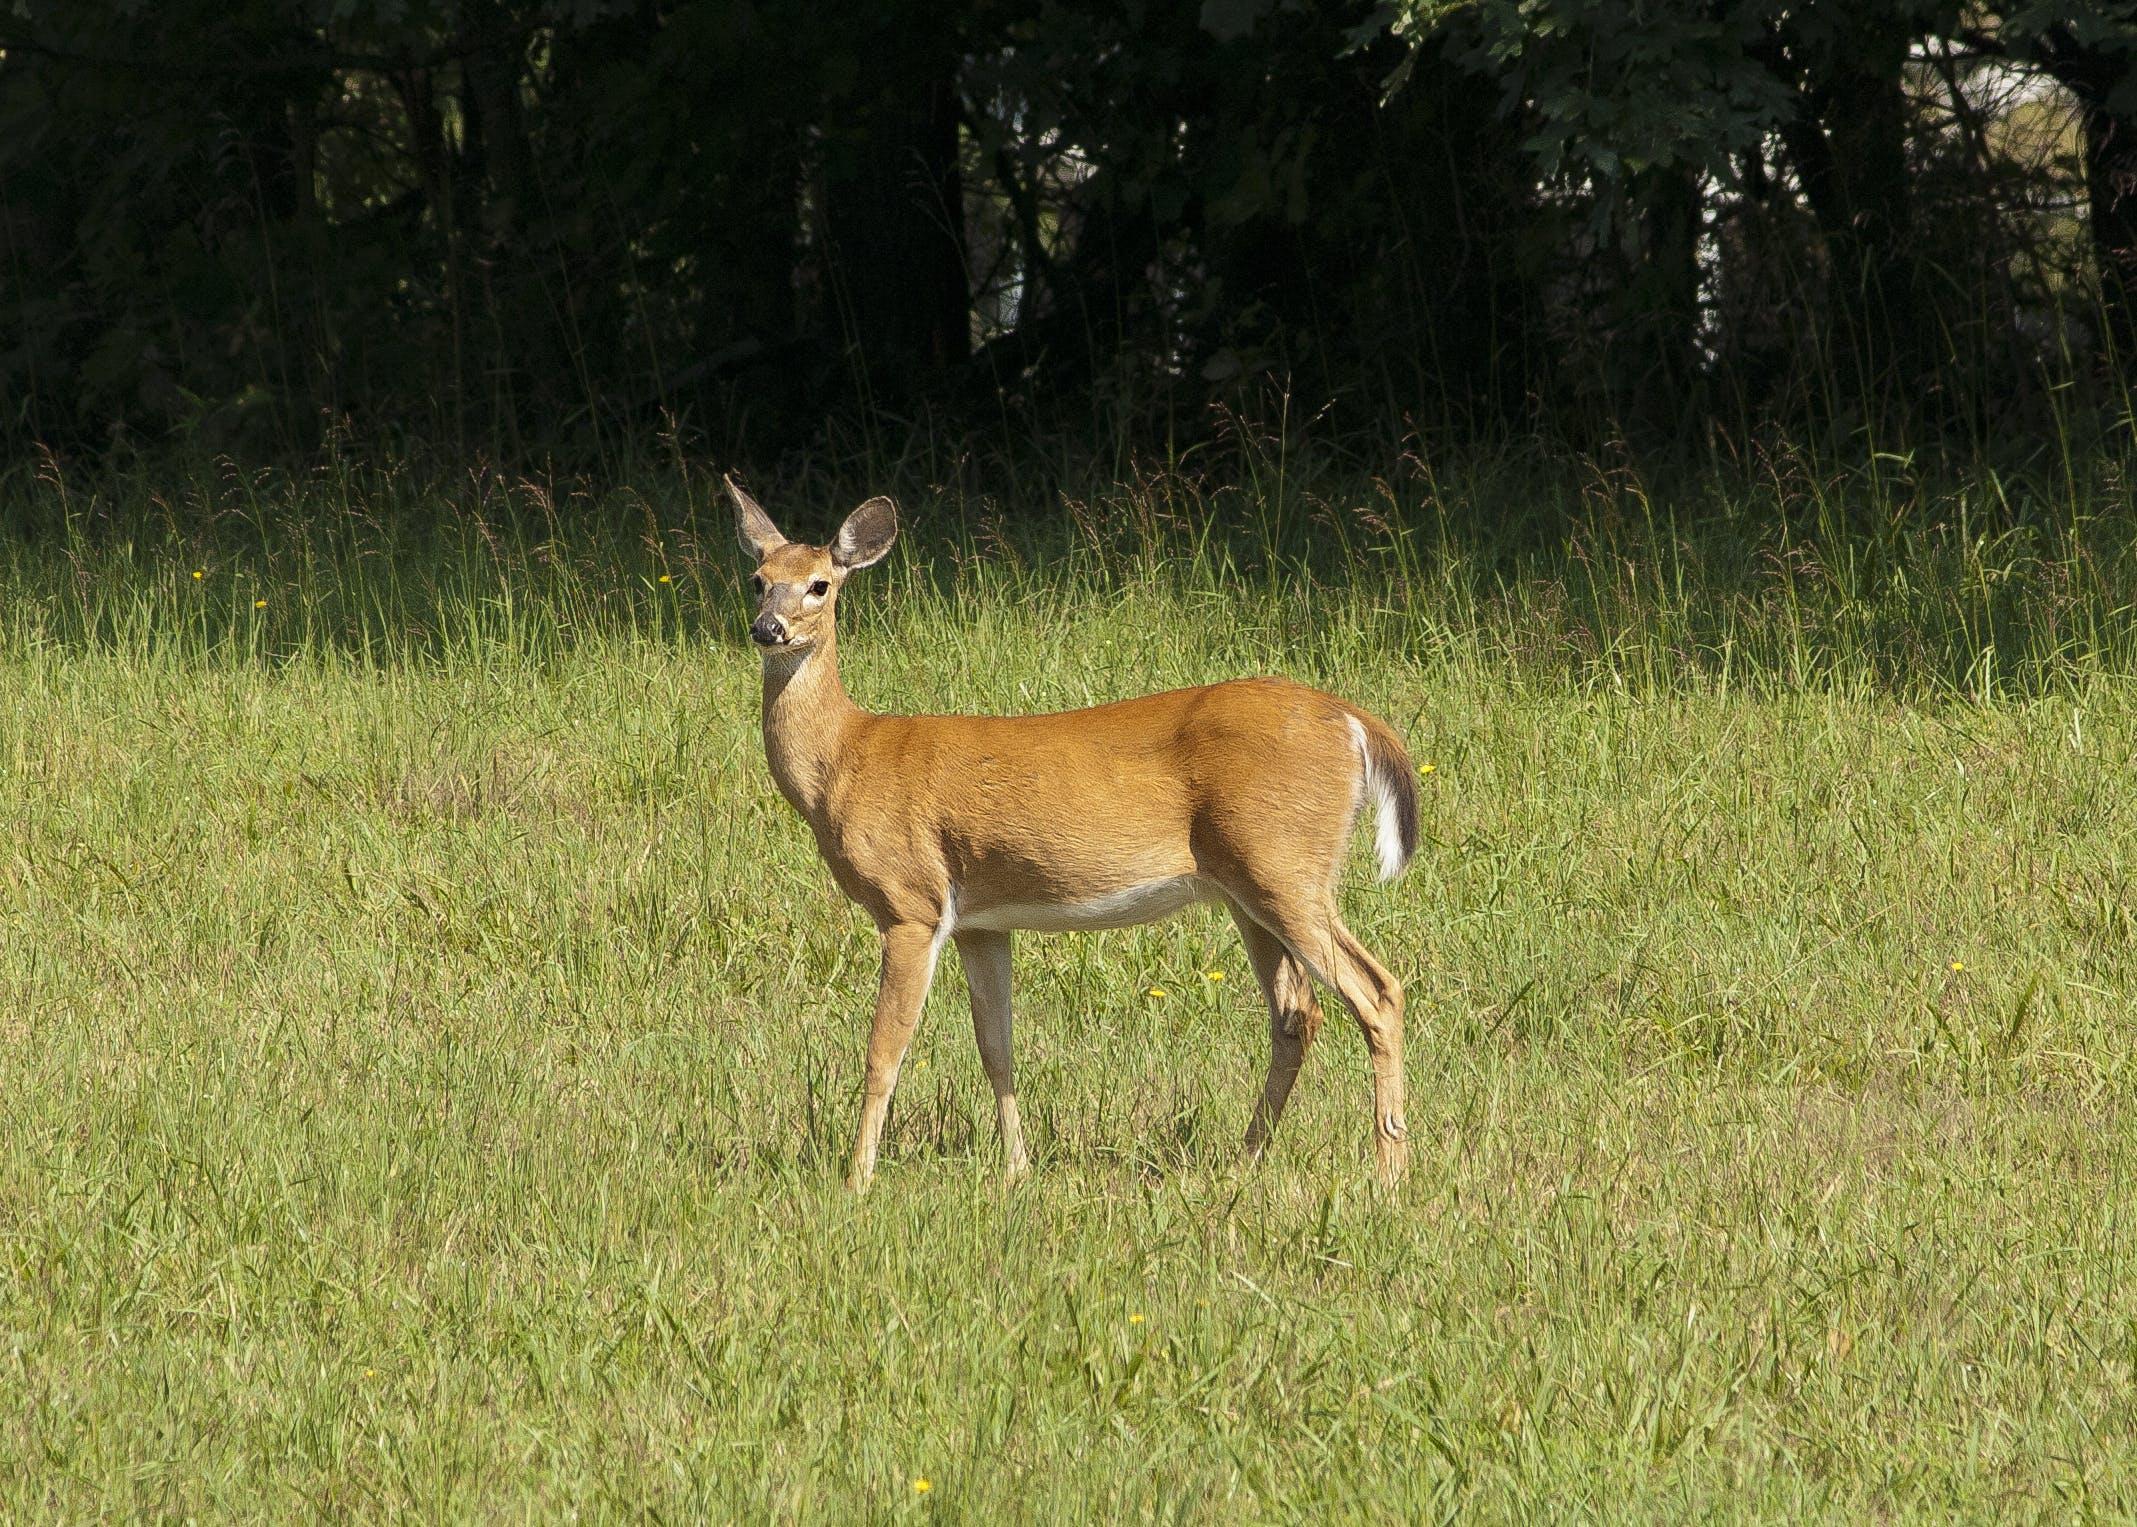 공원, 동물, 동물 사진, 들판의 무료 스톡 사진